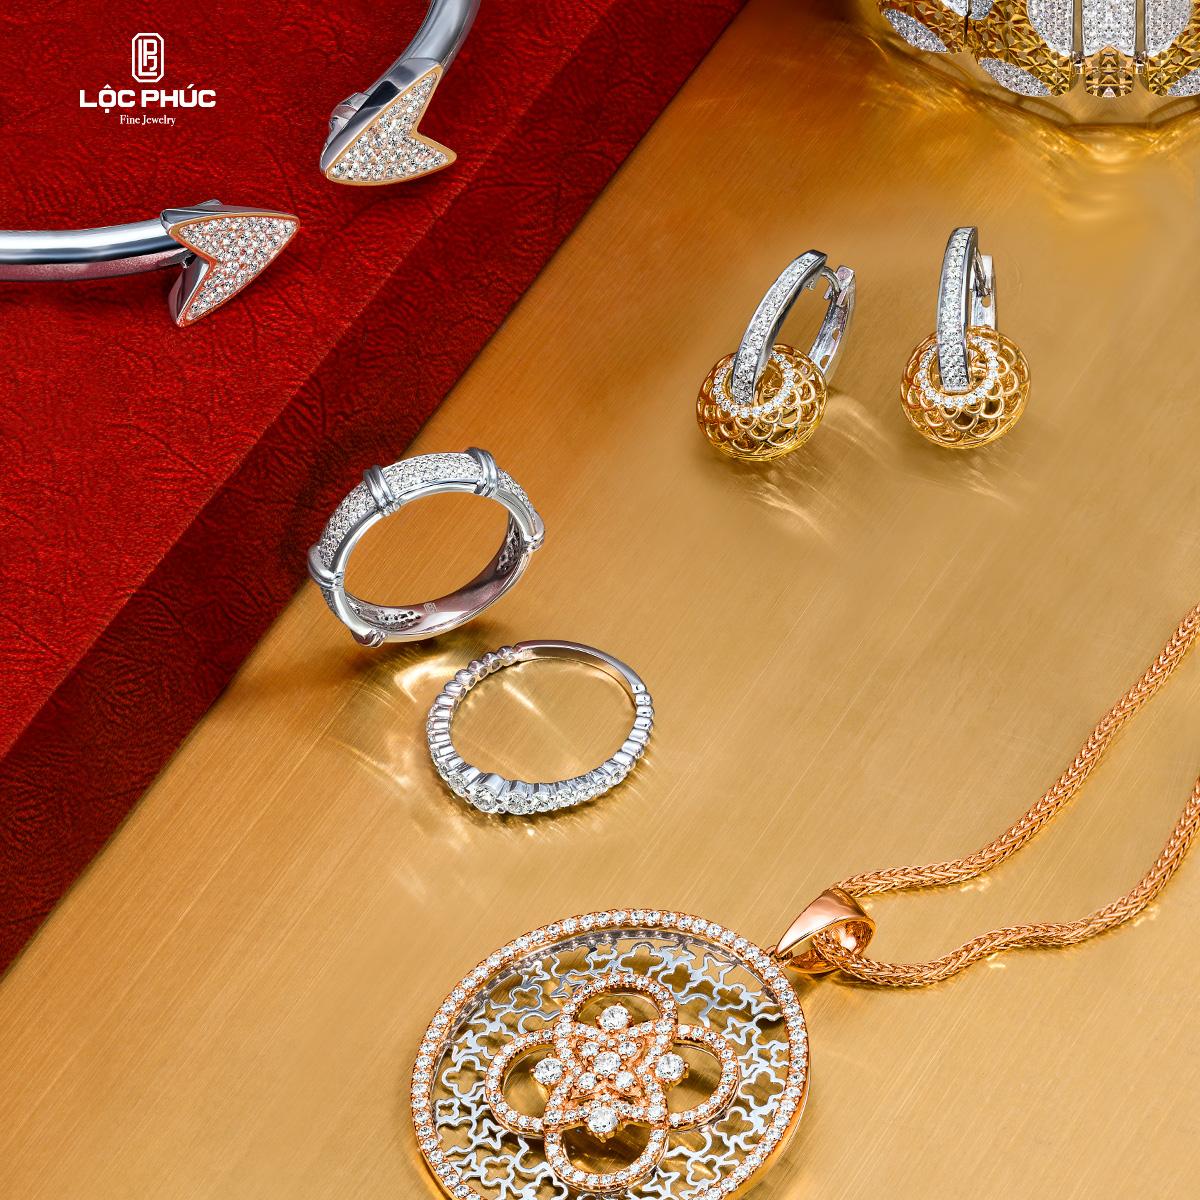 Trang sức Lộc Phúc có đa dạng kiểu mẫu từ dây chuyền, nhẫn, lắc và vòng tay... được  mix-match từ chất liệu vàng, vàng trắng, vàng hồng.